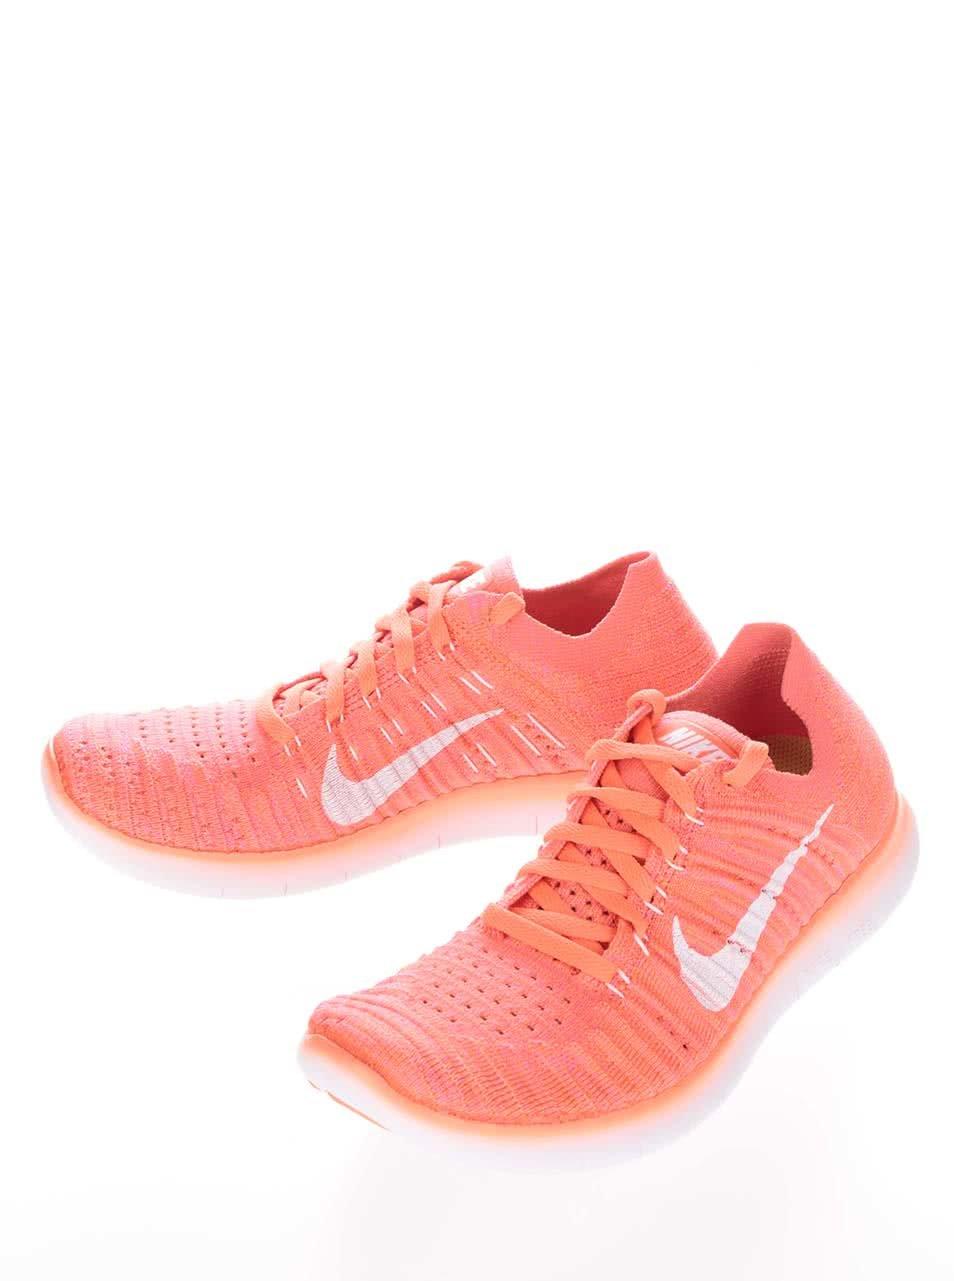 Neonově oranžové dámské tenisky Nike Free Flyknit ... 1339da3c751